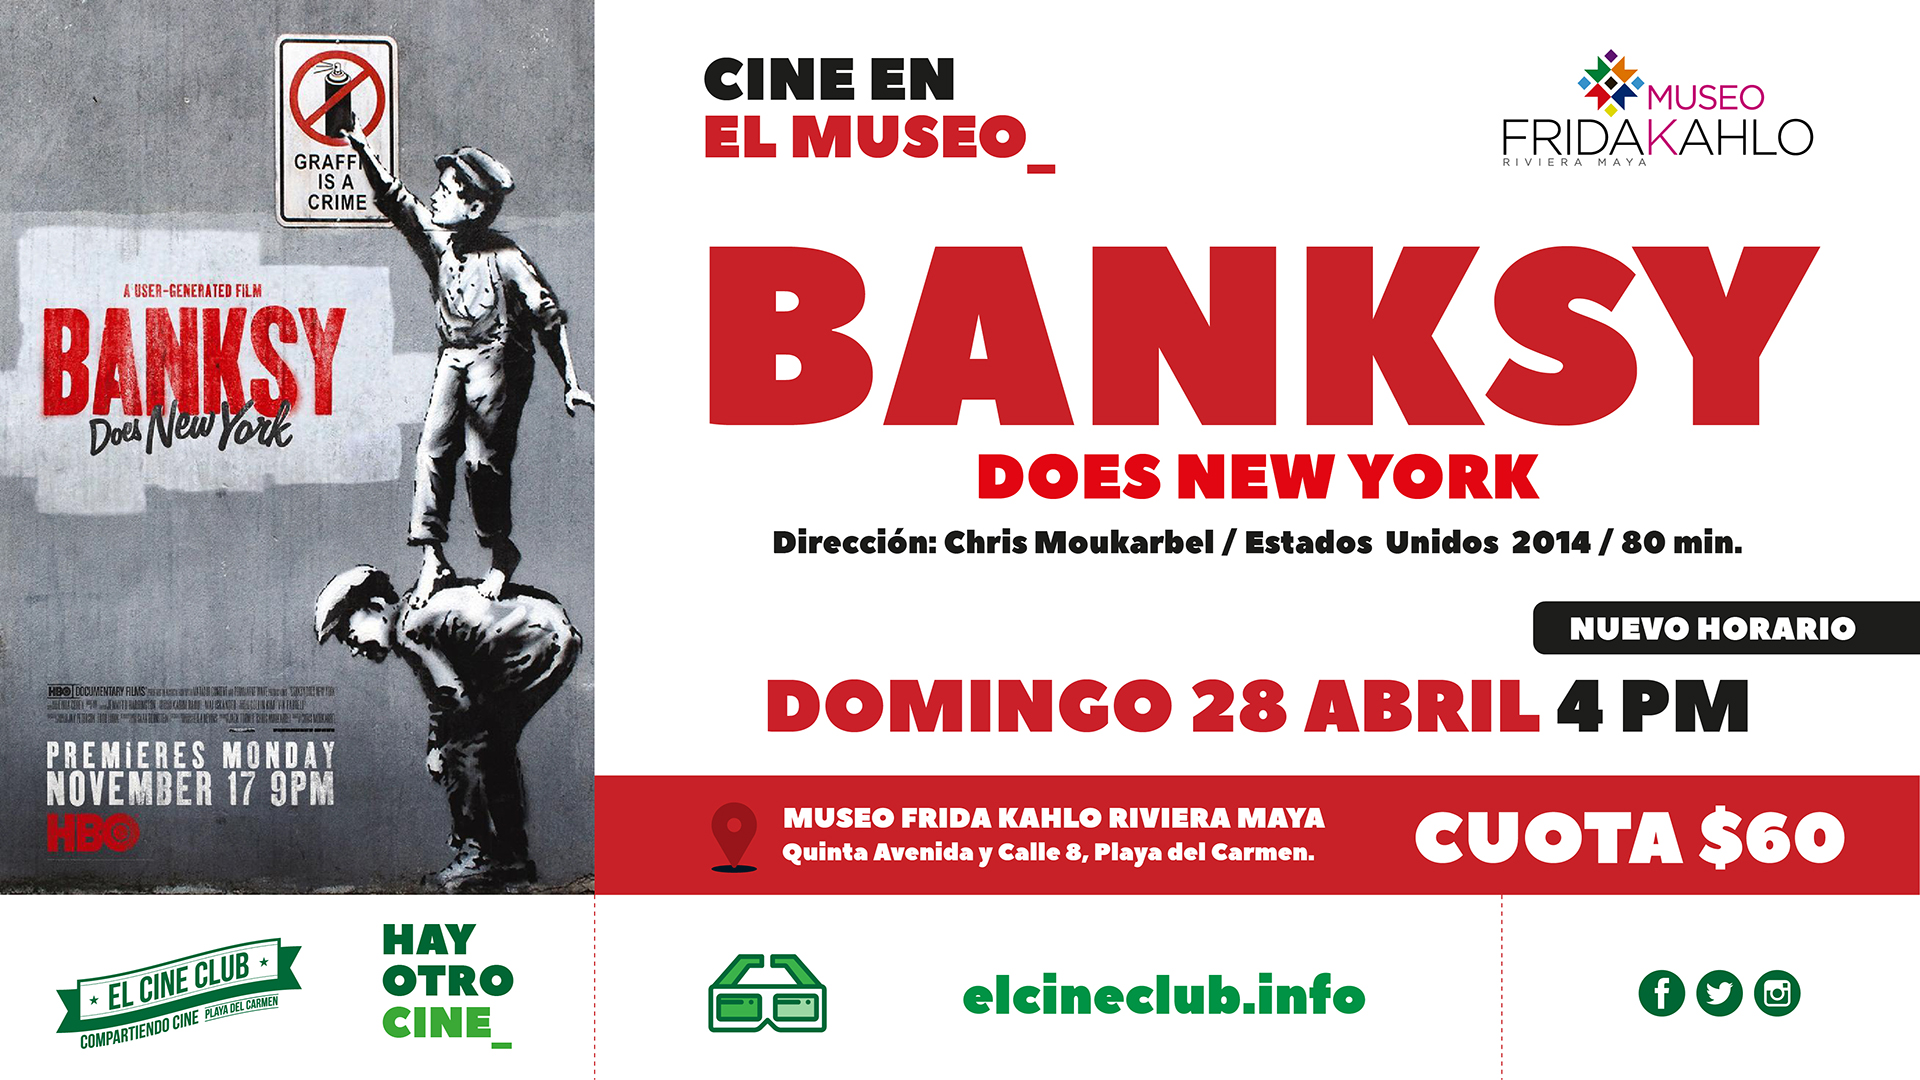 Banksy_NY_MFK_Mesa de trabajo 1 copia copy 3.jpg